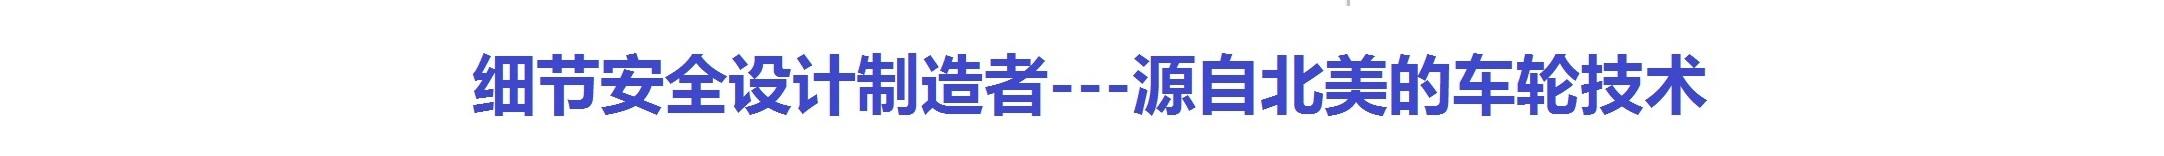 南京庫羅德車業有限公司